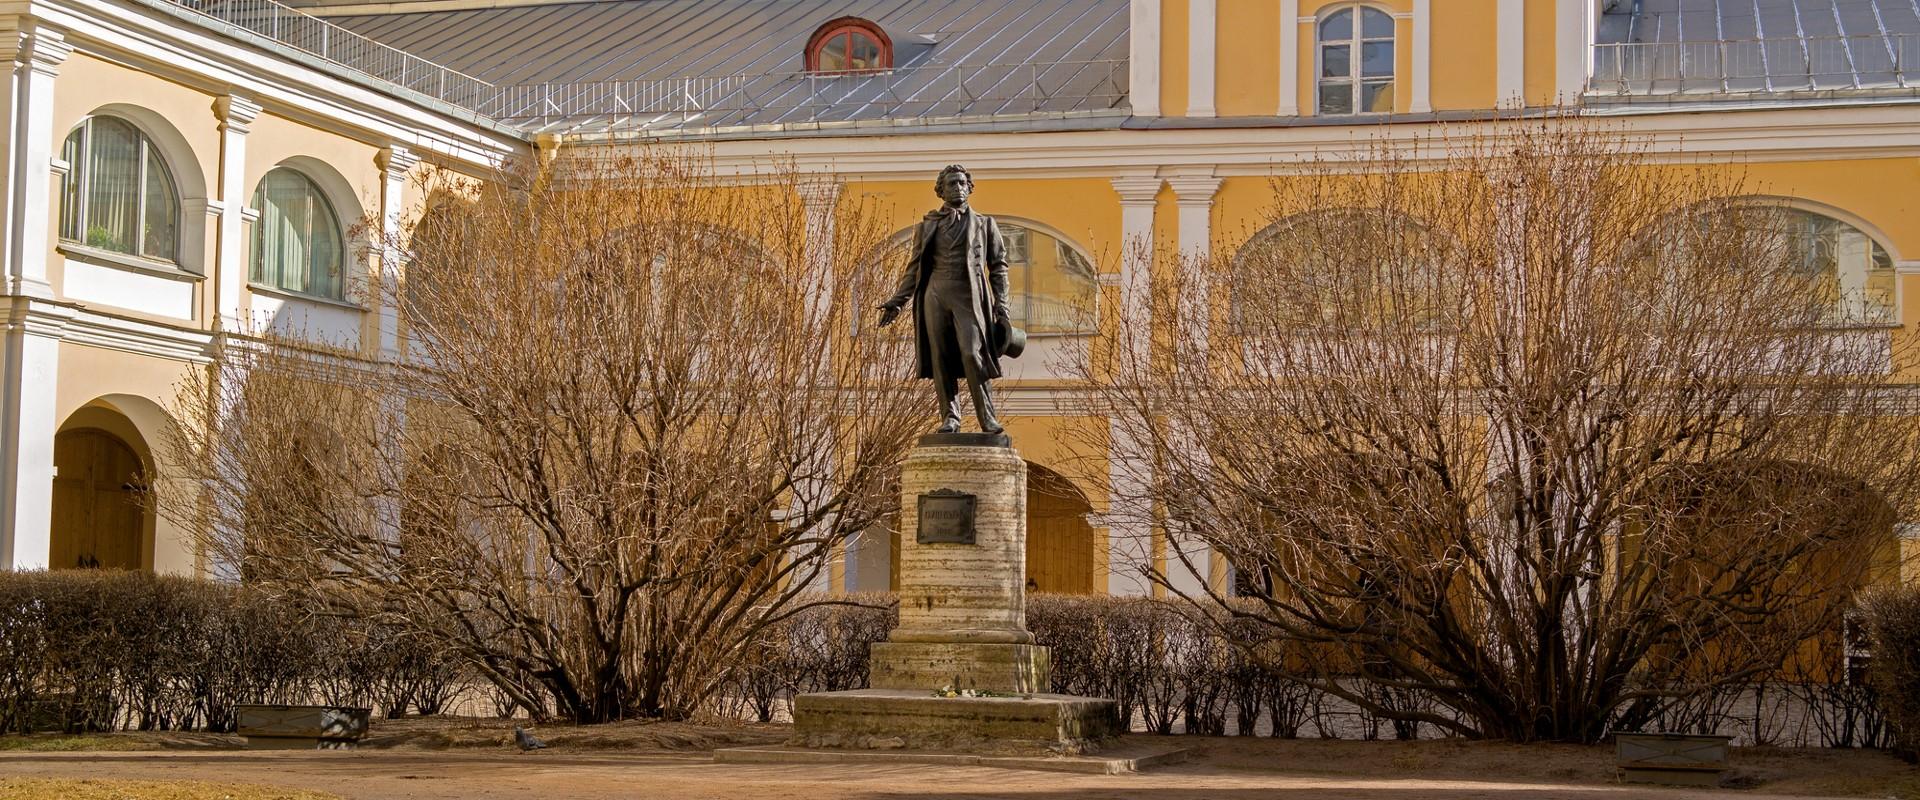 Памятник А.С. Пушкину во дворе дома на набережной реки Мойки в Петербурге